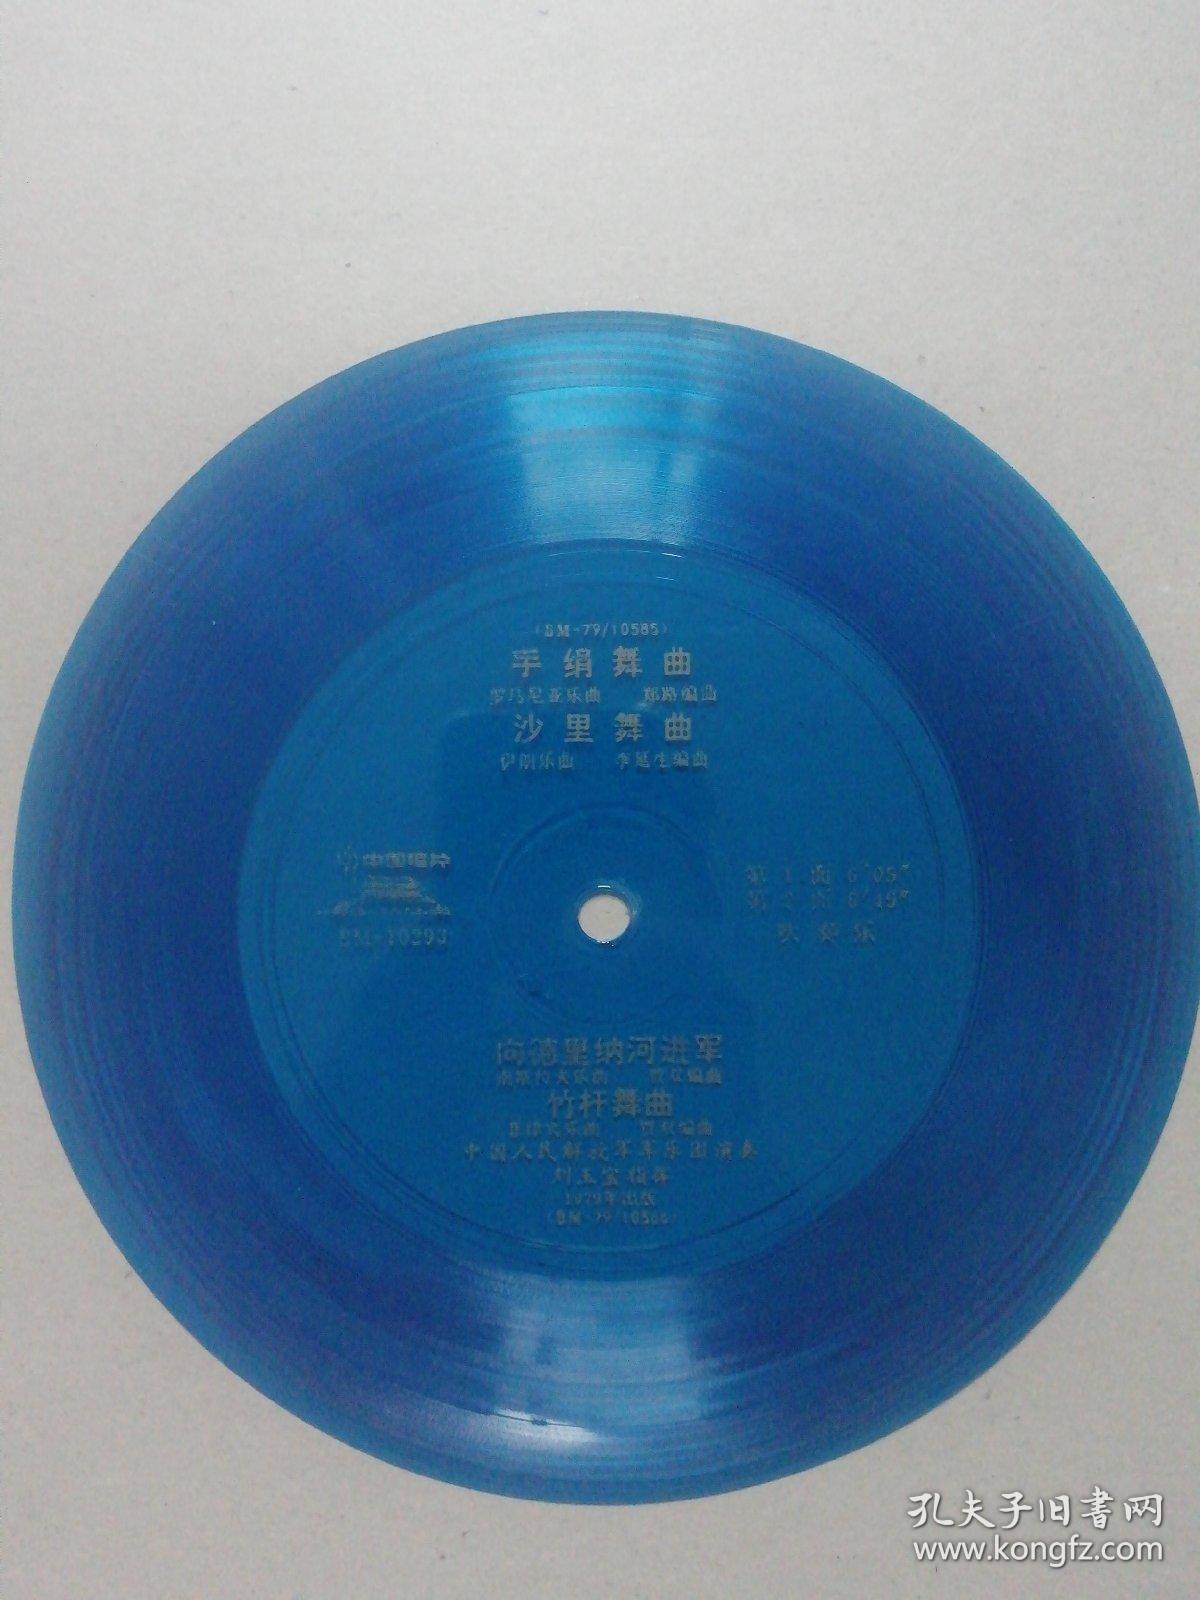 小薄膜唱片:吹奏乐 (手绢舞曲 沙里舞曲 向德里纳河进军 竹杆舞曲)2面【无袋】